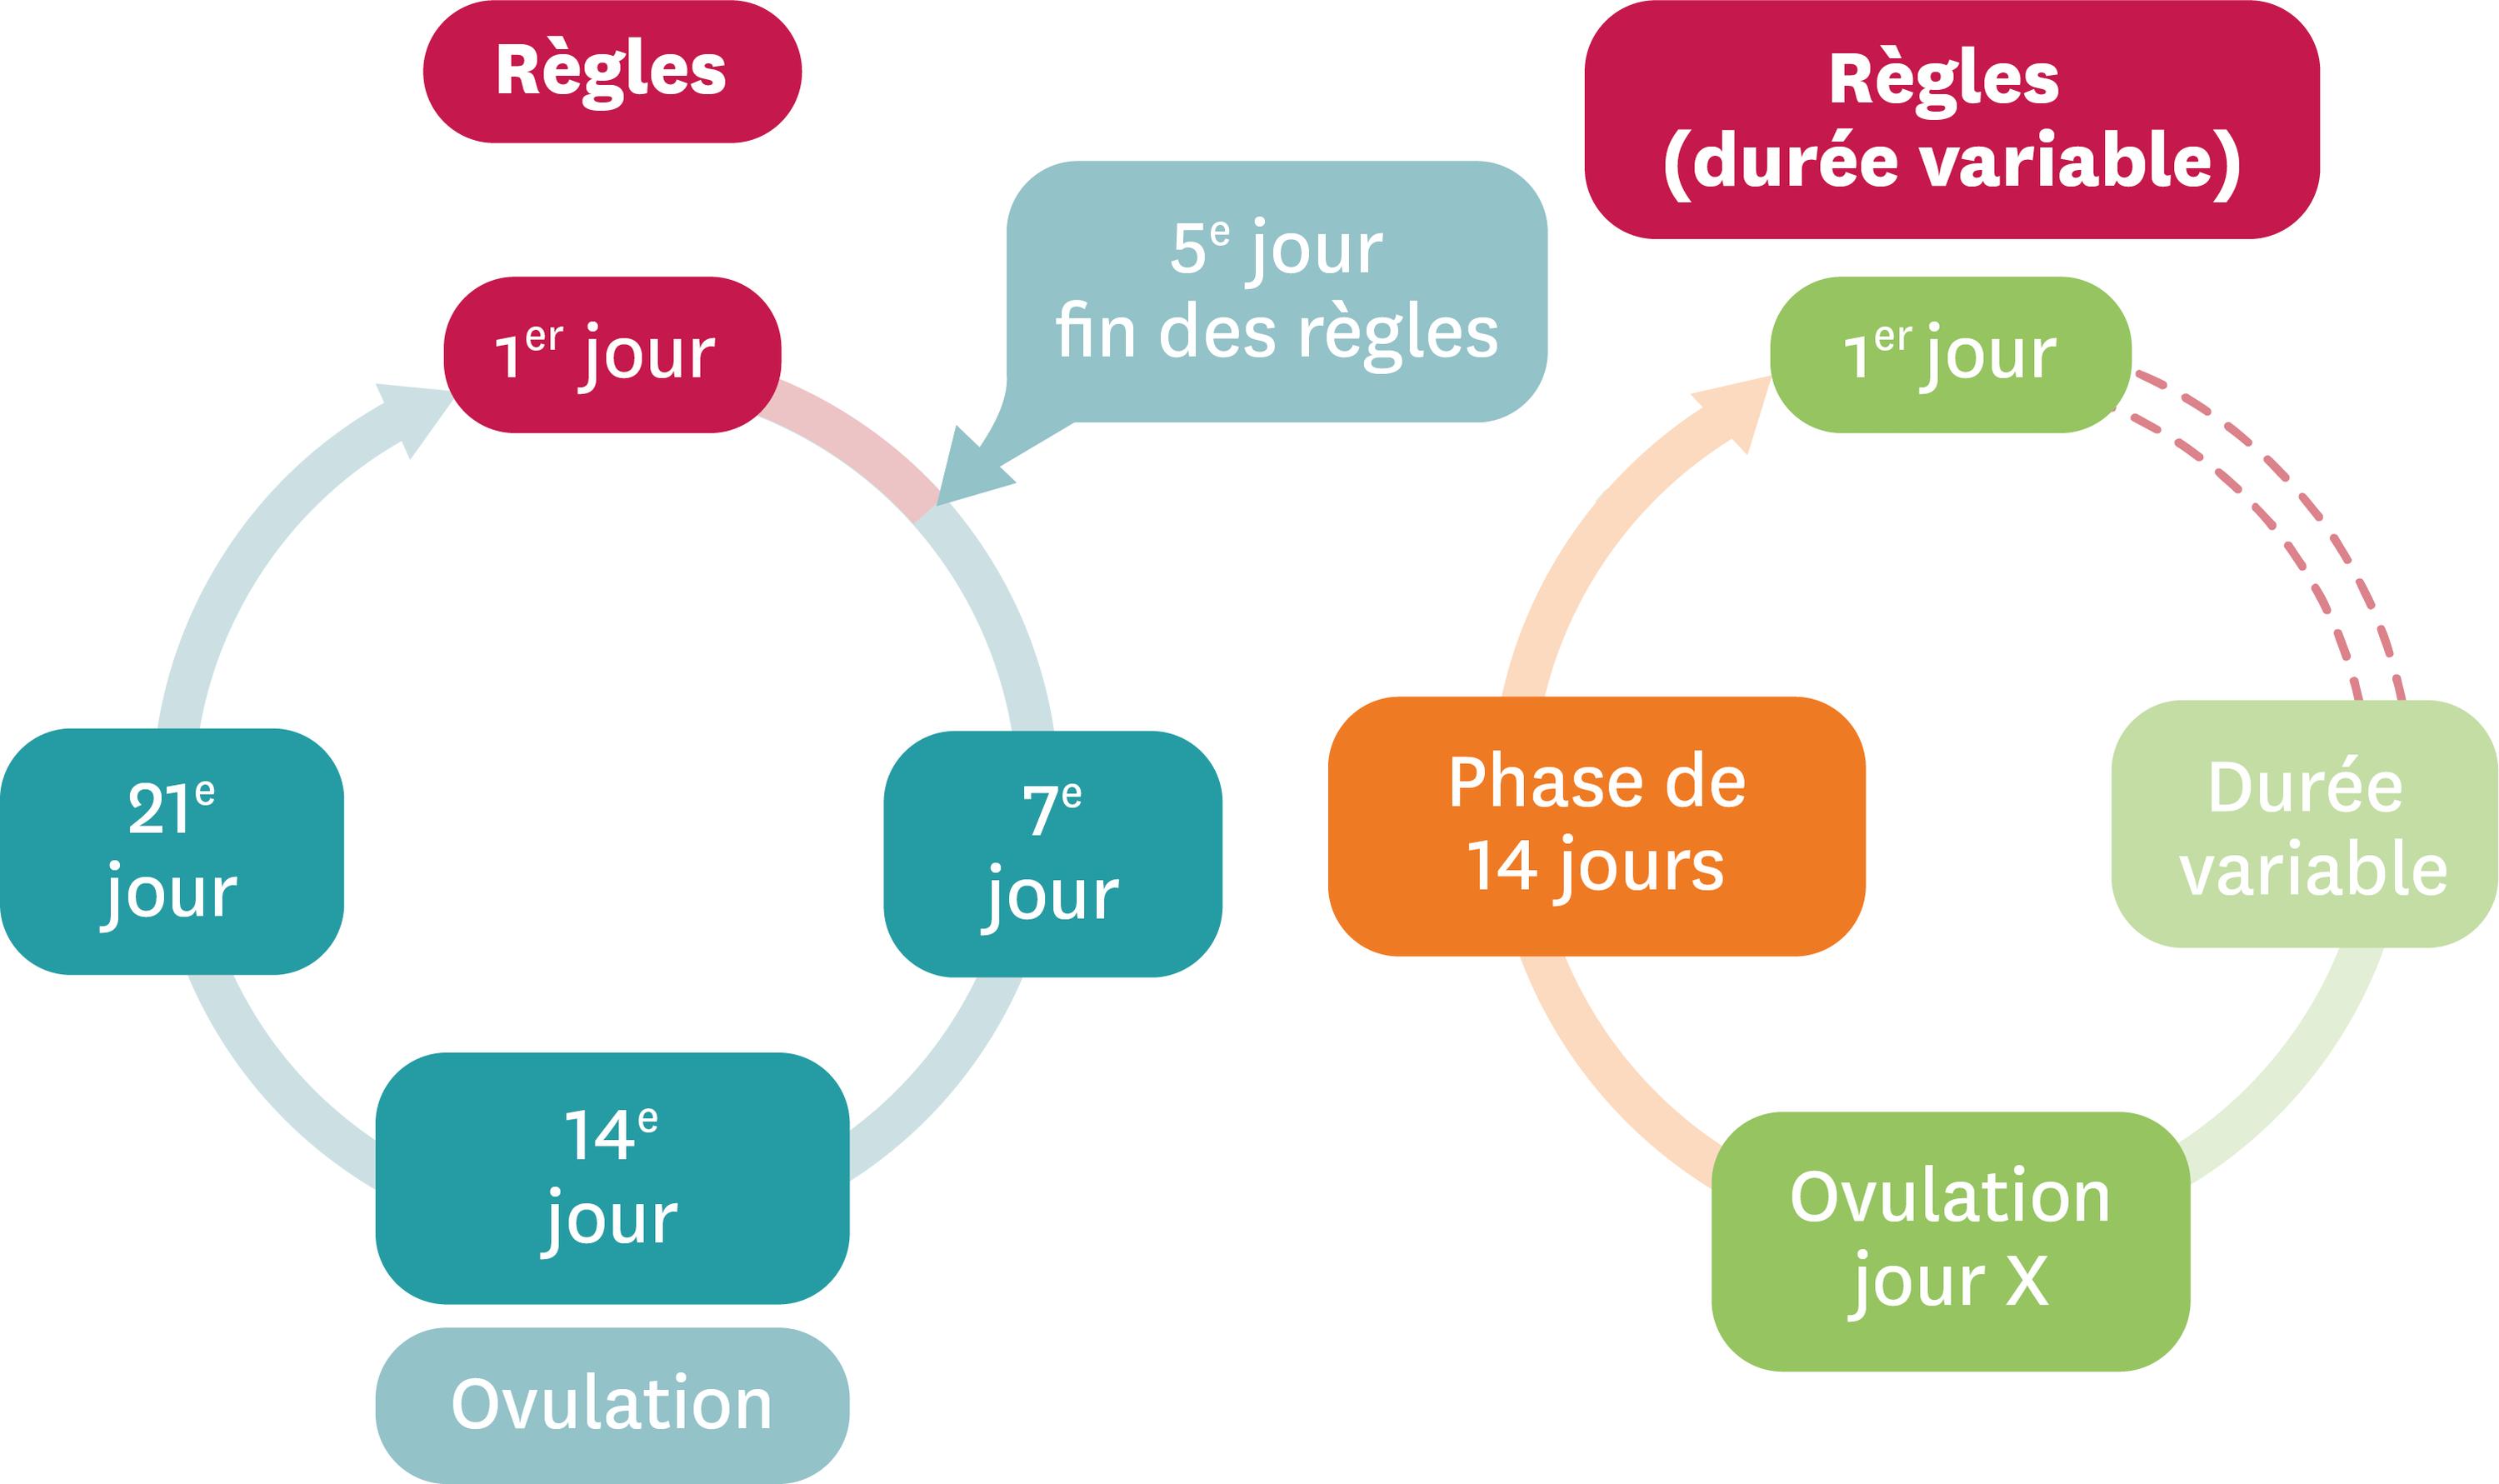 Les durées d'un cycle féminin.